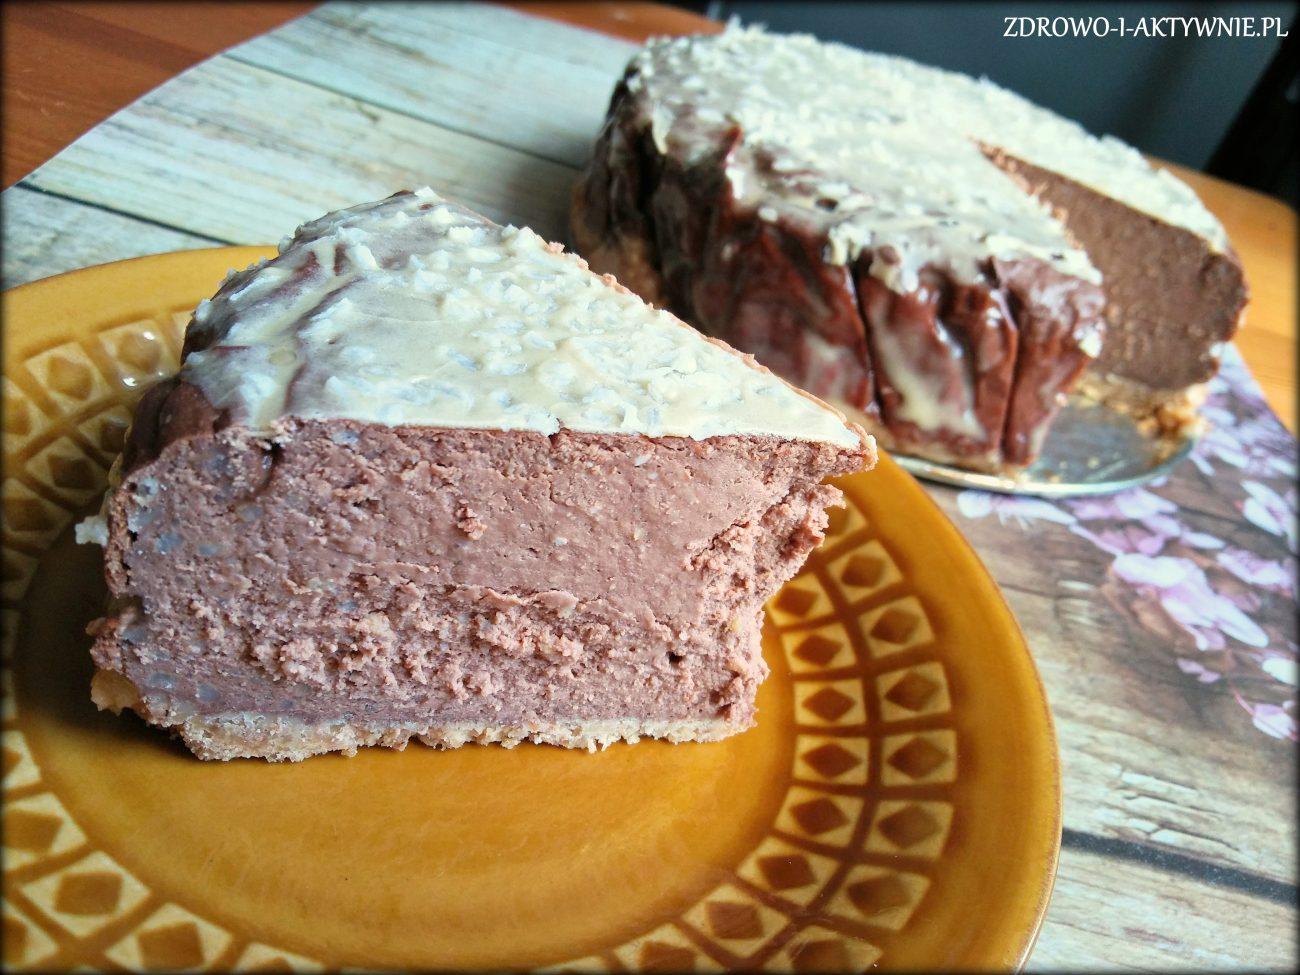 Sernik czekoladowy z kaszą jaglaną